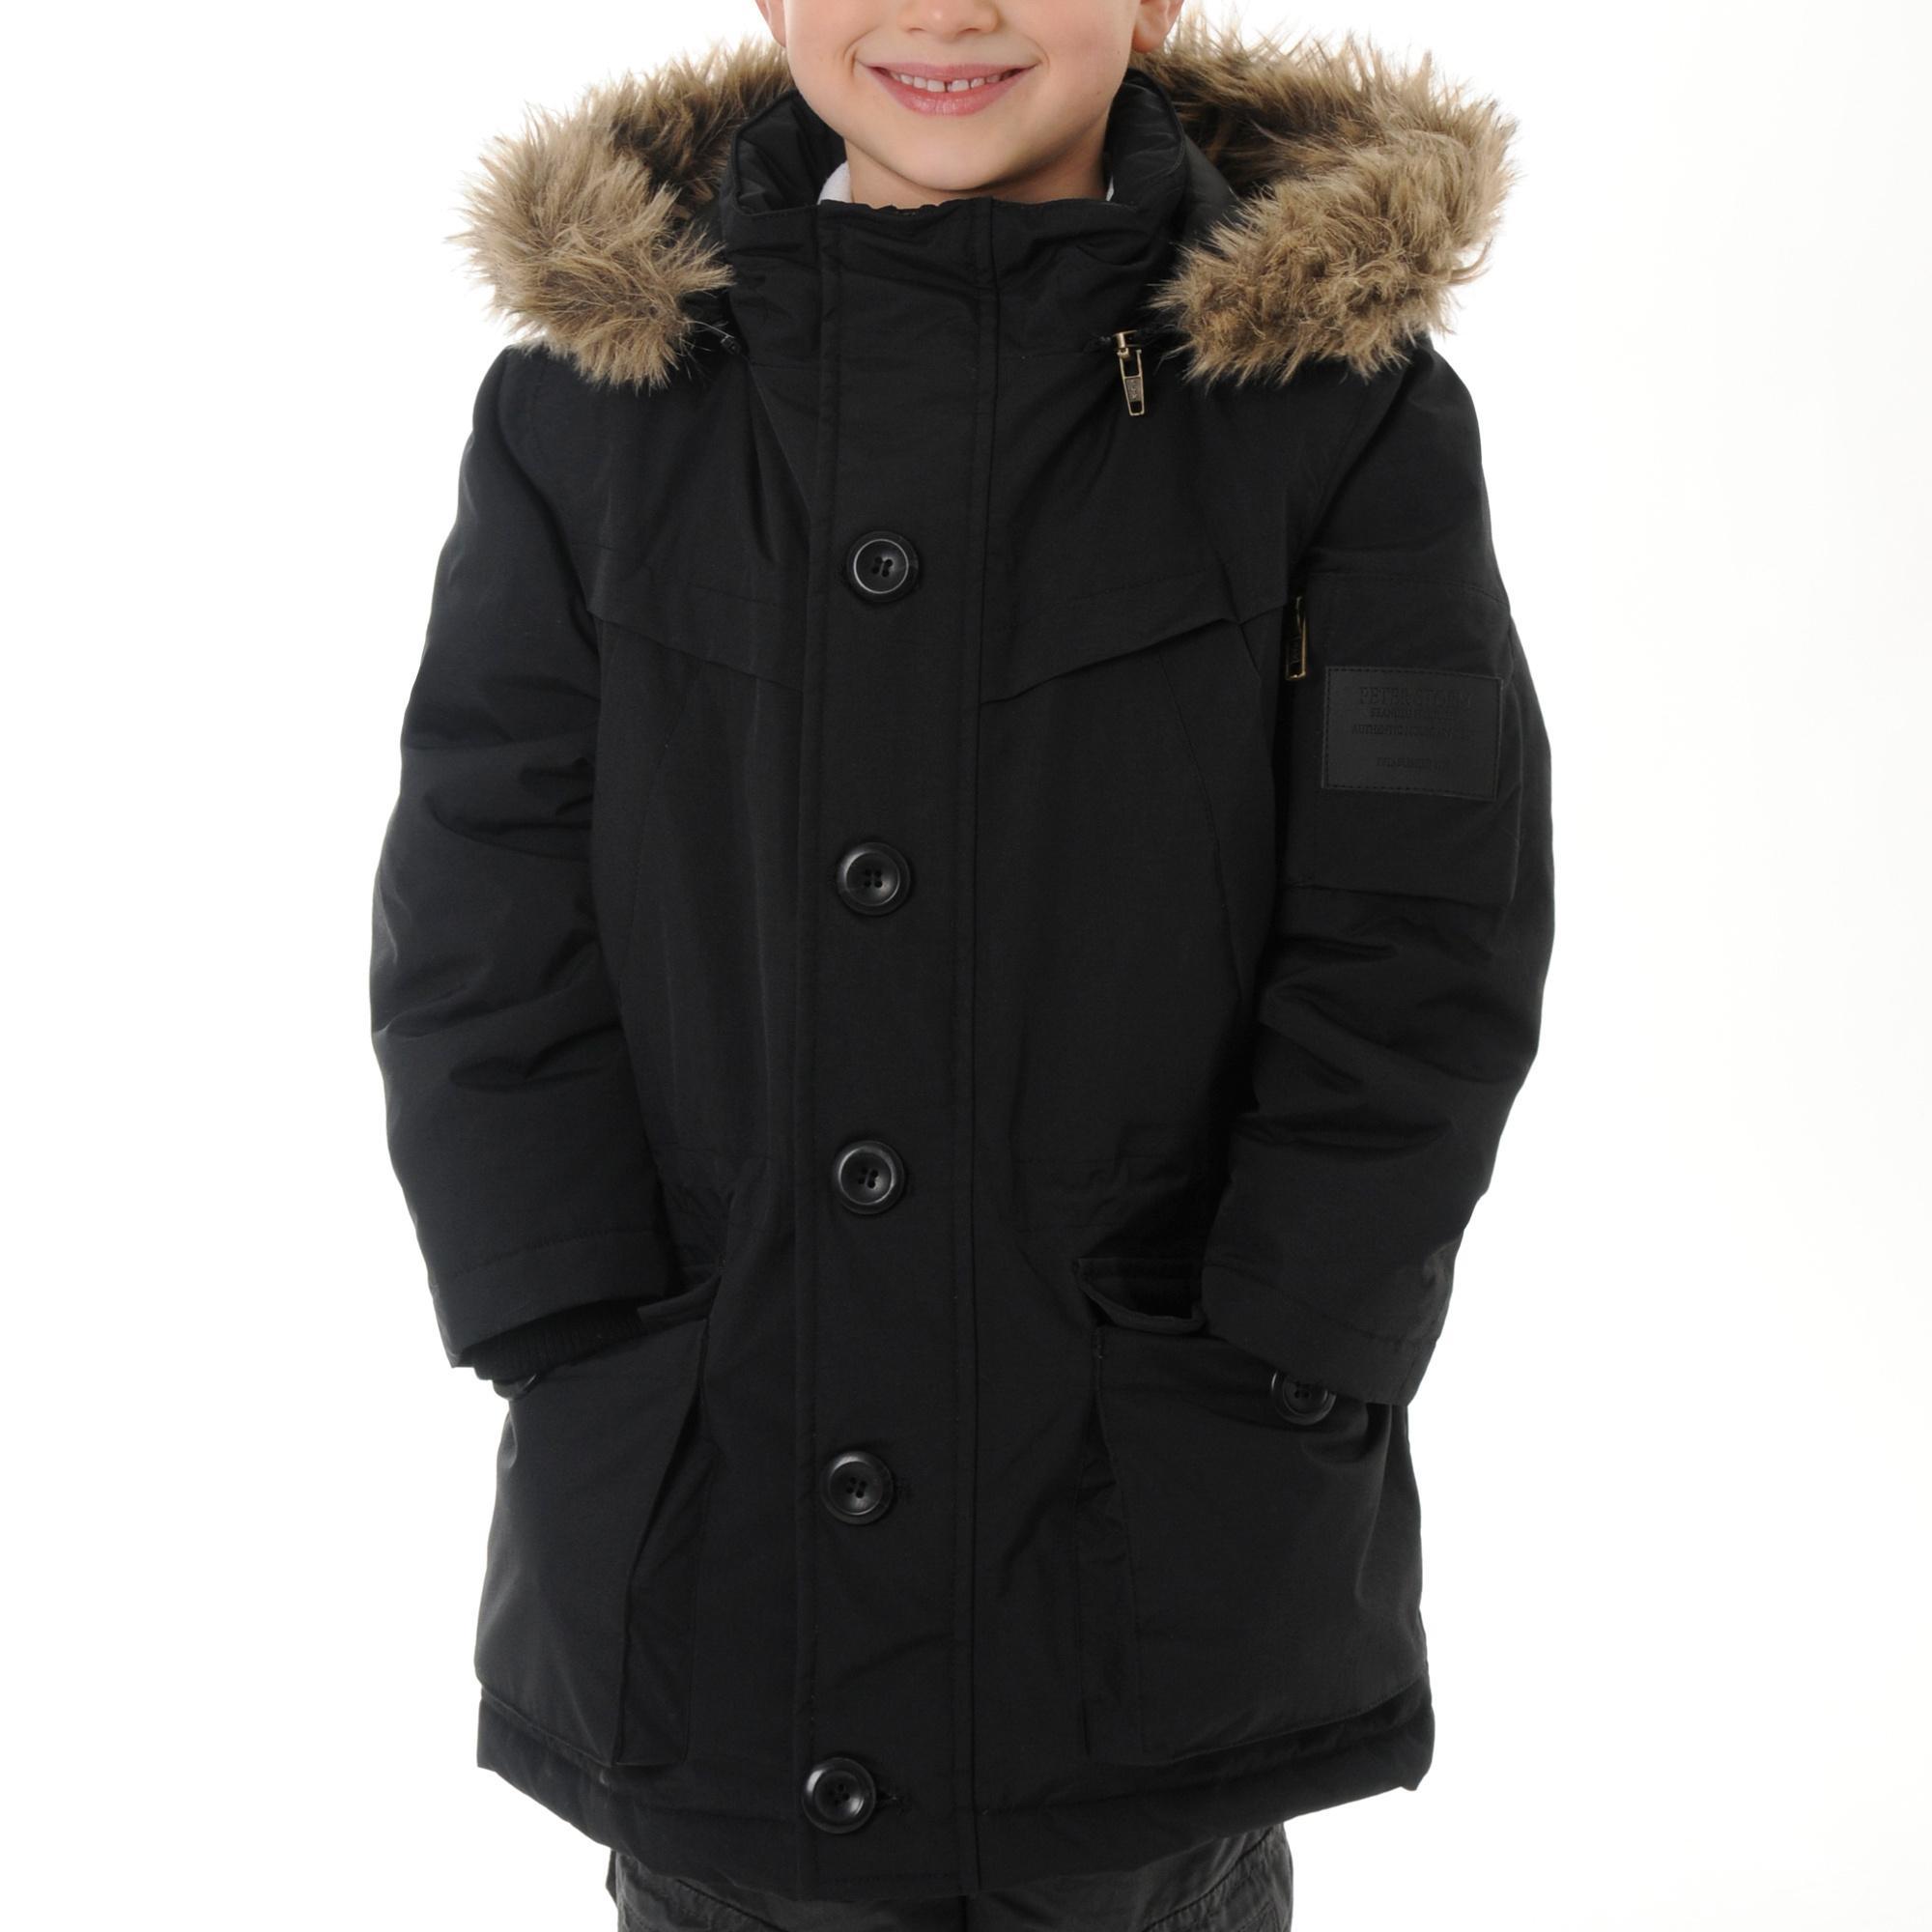 Peter Storm Boys Parka Jacket Black